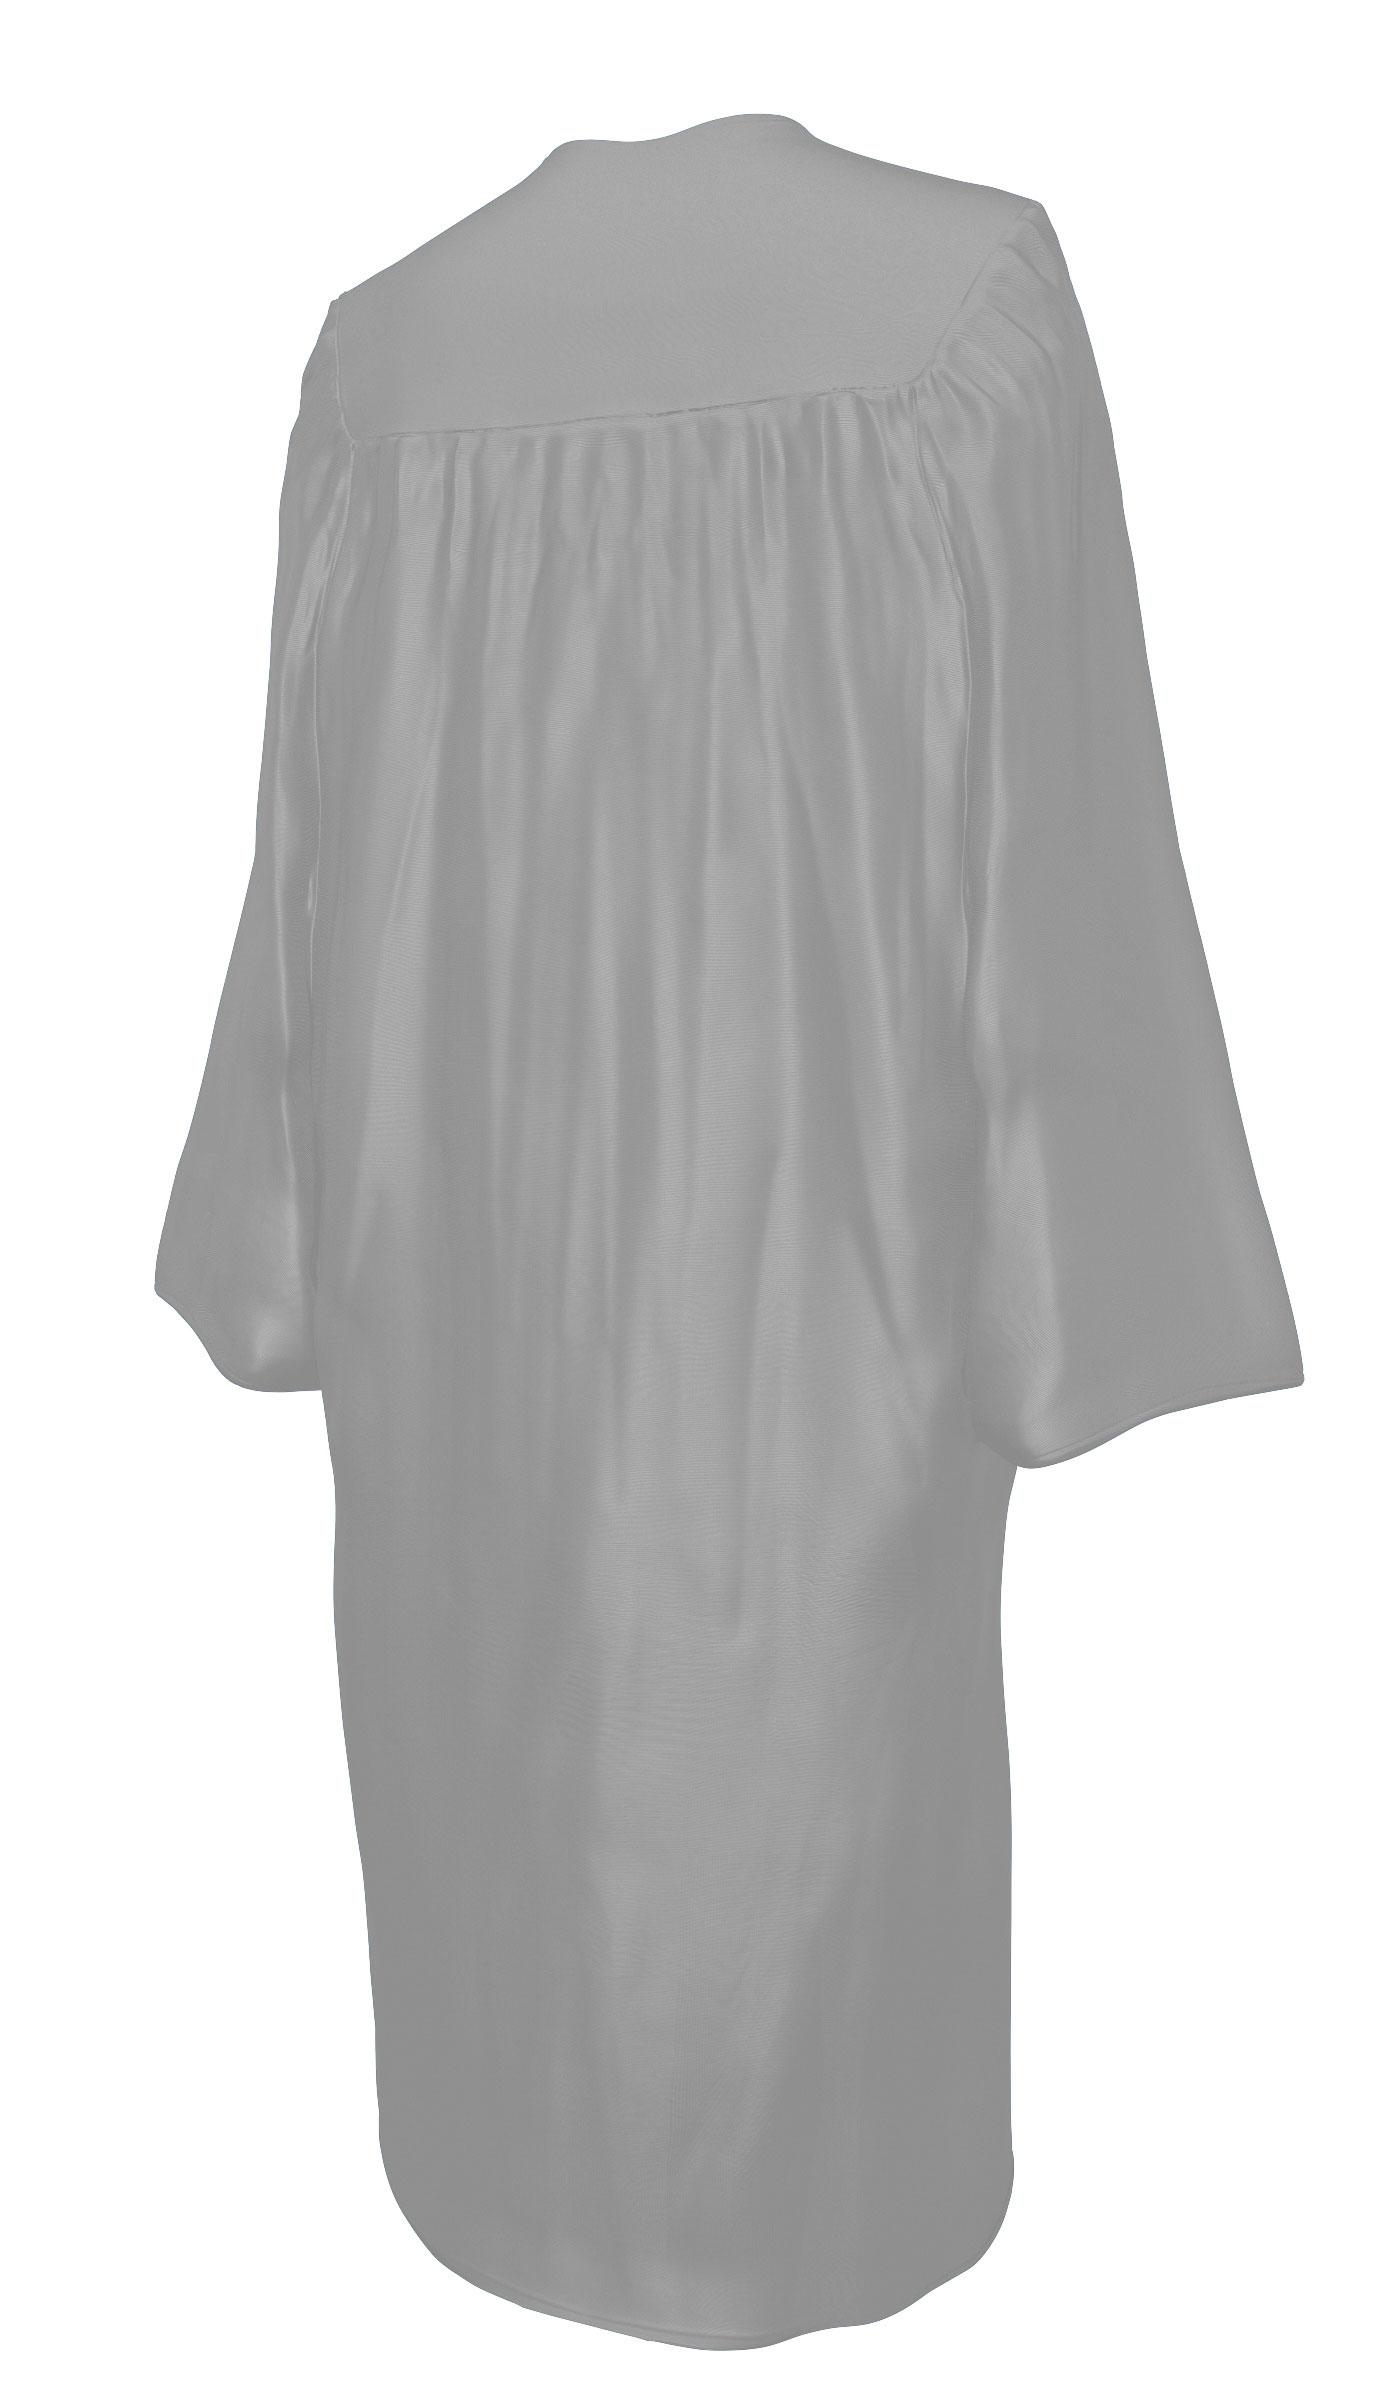 SHINY SILVER CAP & GOWN BACHELOR GRADUATION SET-rs4251465601486